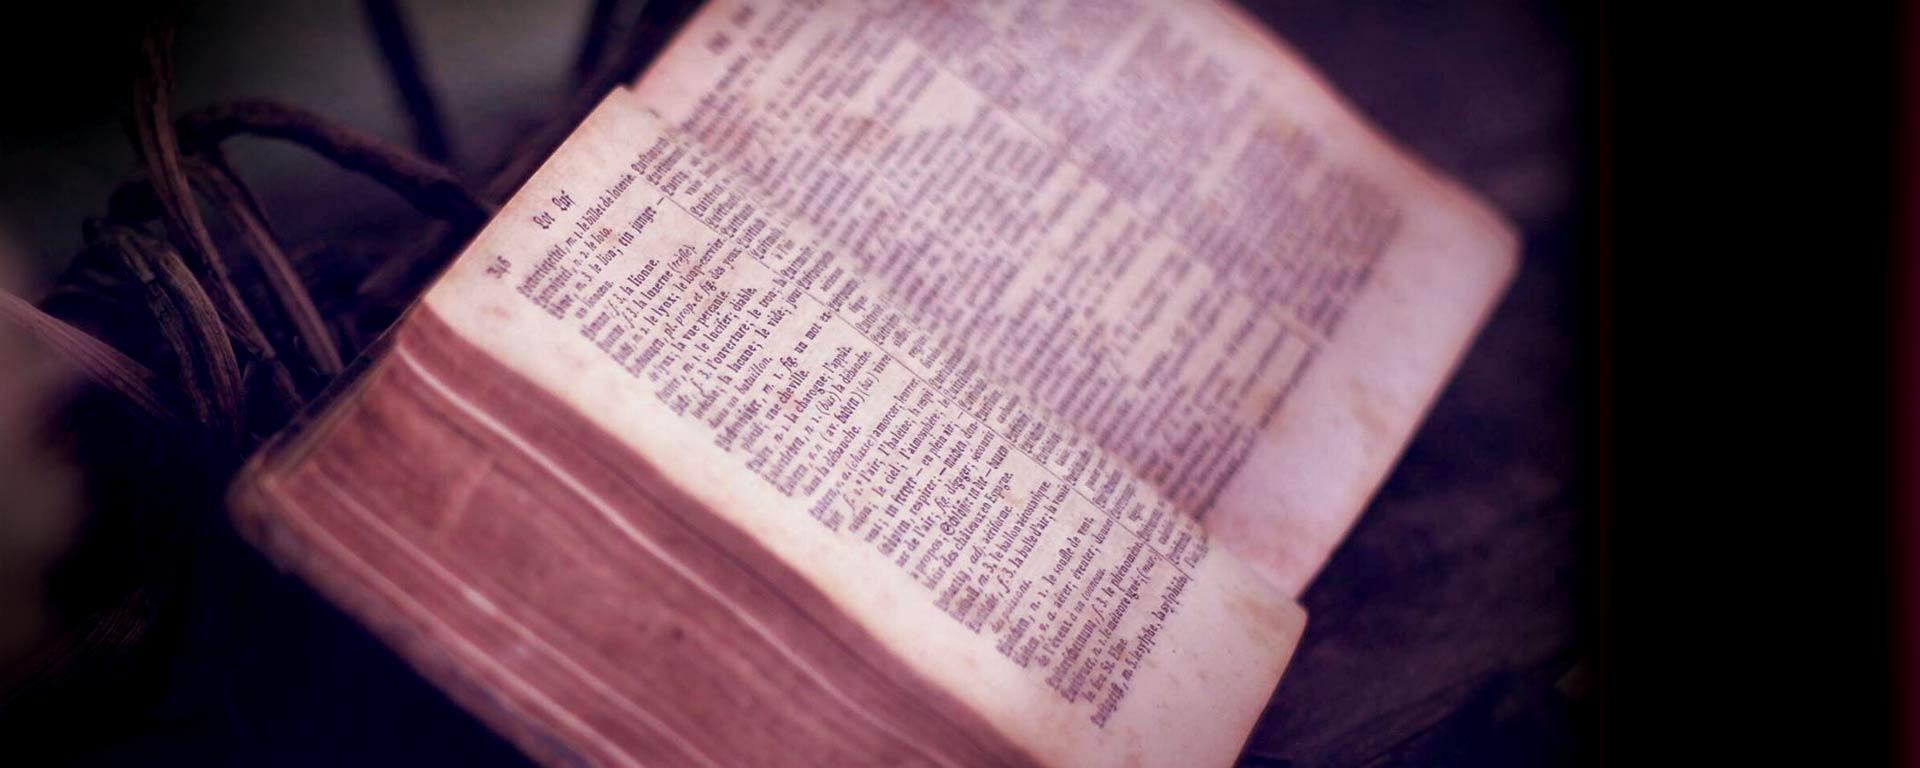 Bild på en gammal bok, från sidan